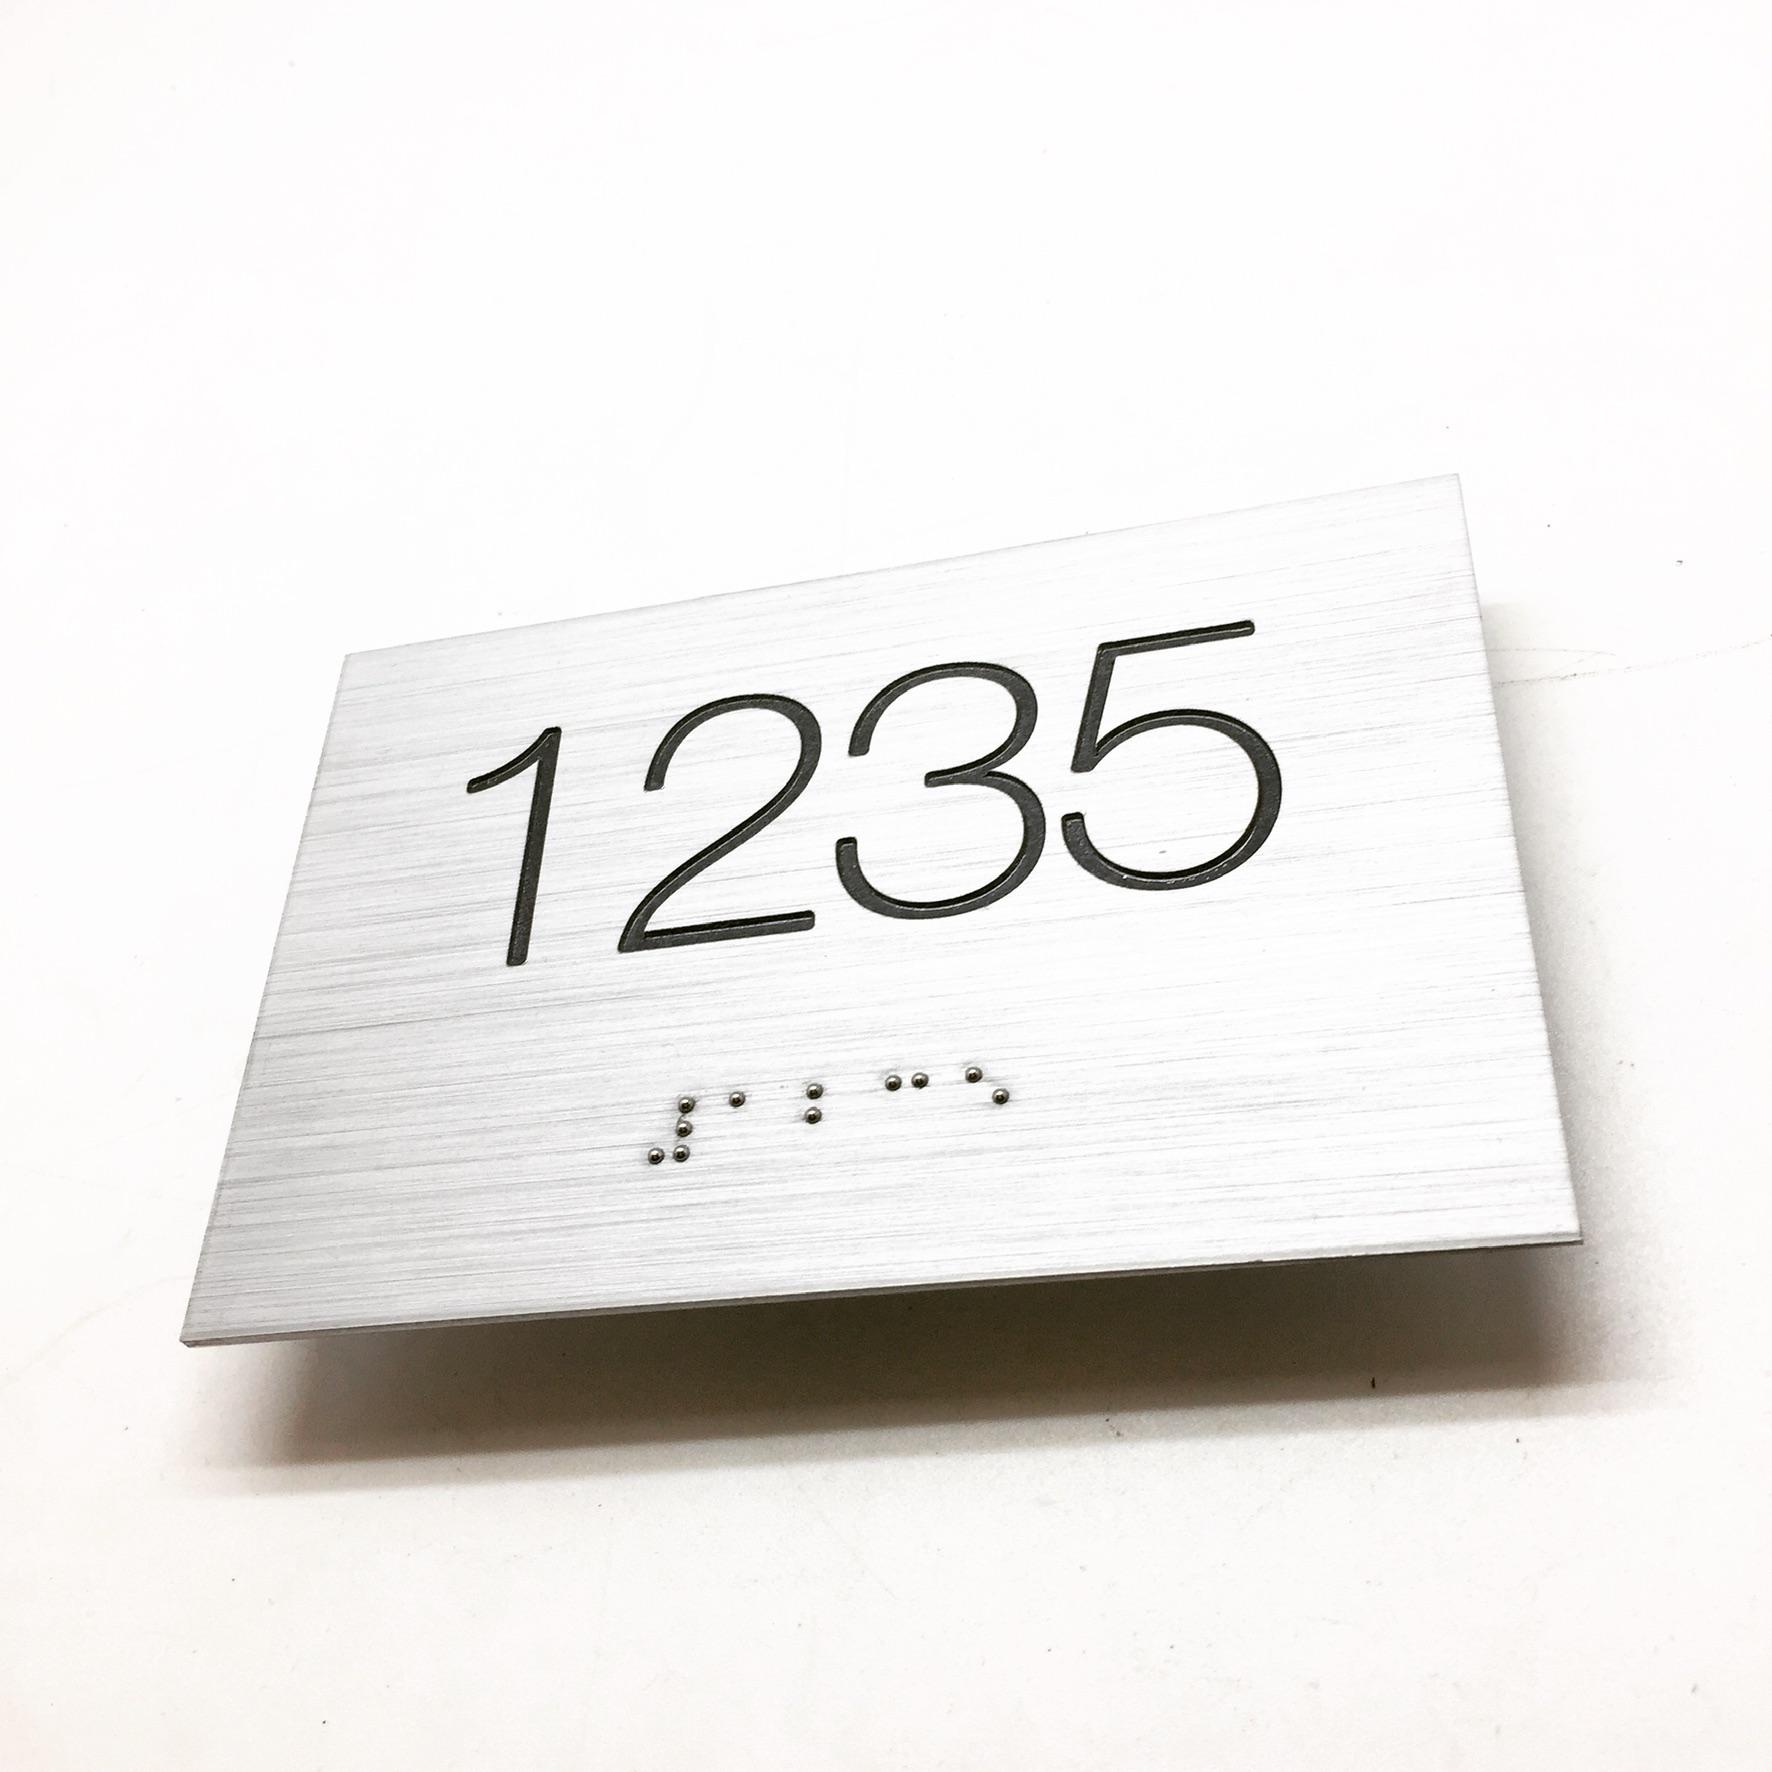 476B557F-E751-4280-AD9C-DC573E16C1F6